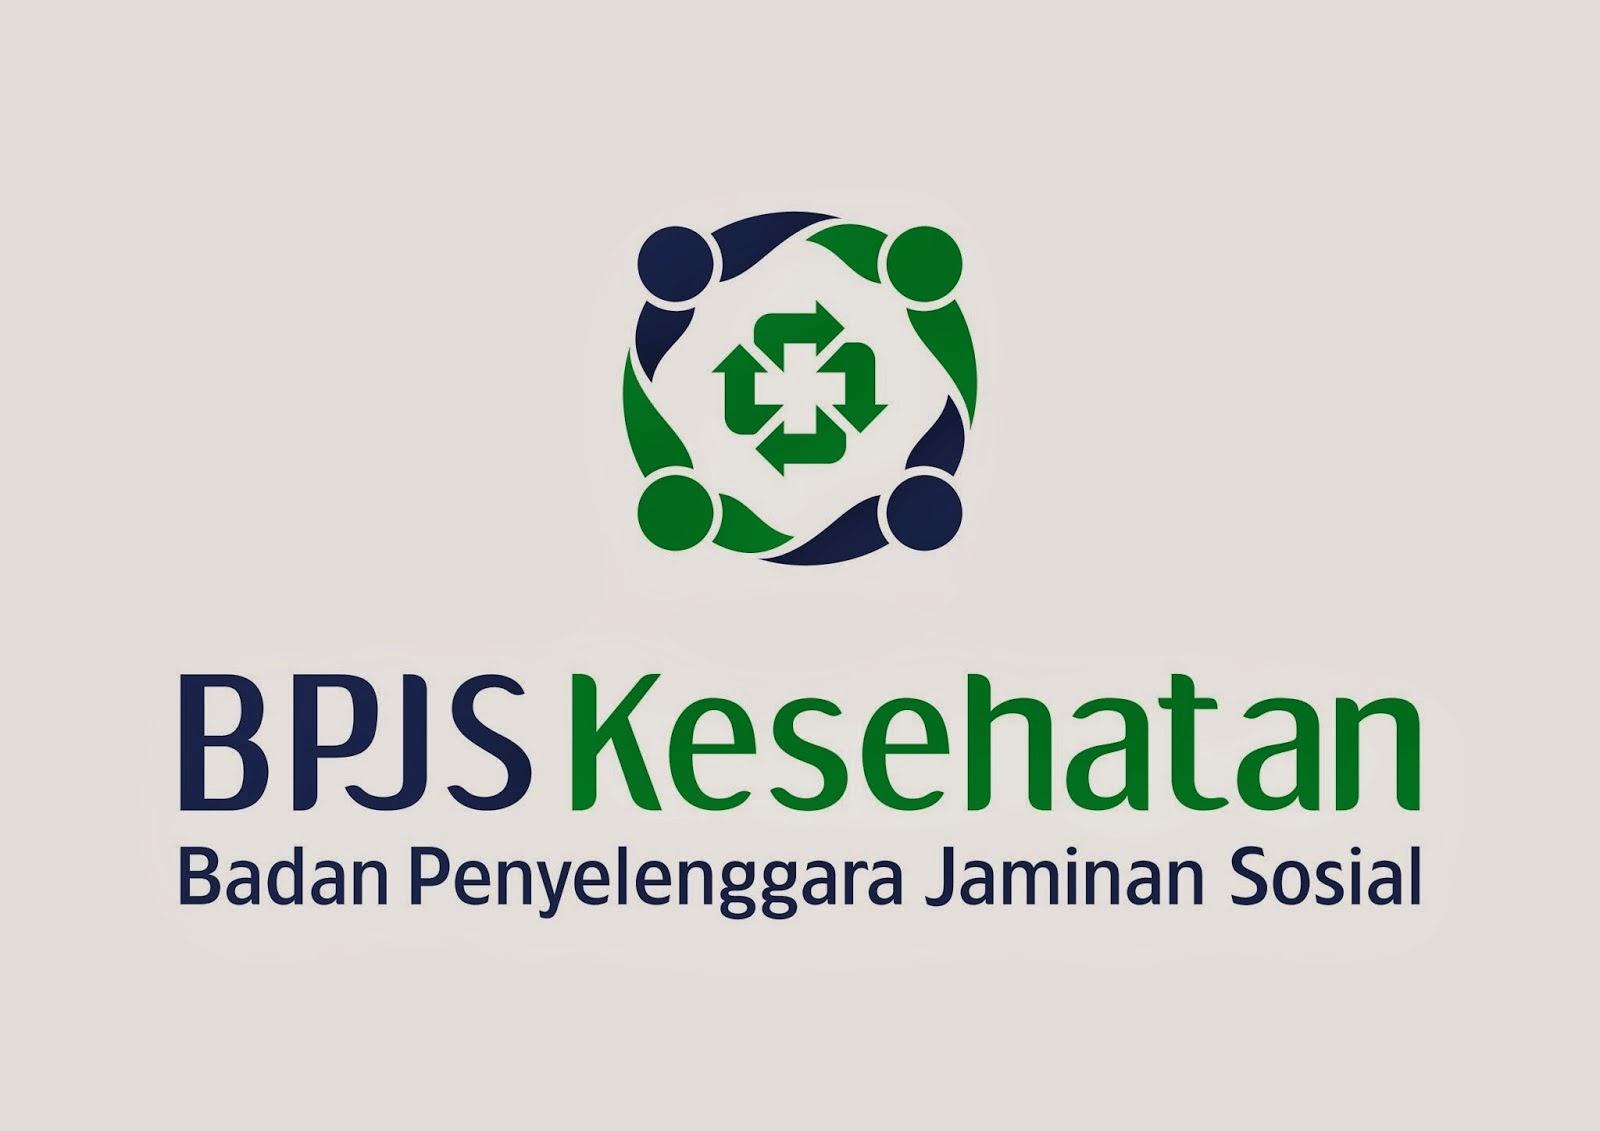 Cara Mendaftar BPJS Kesehatan Online